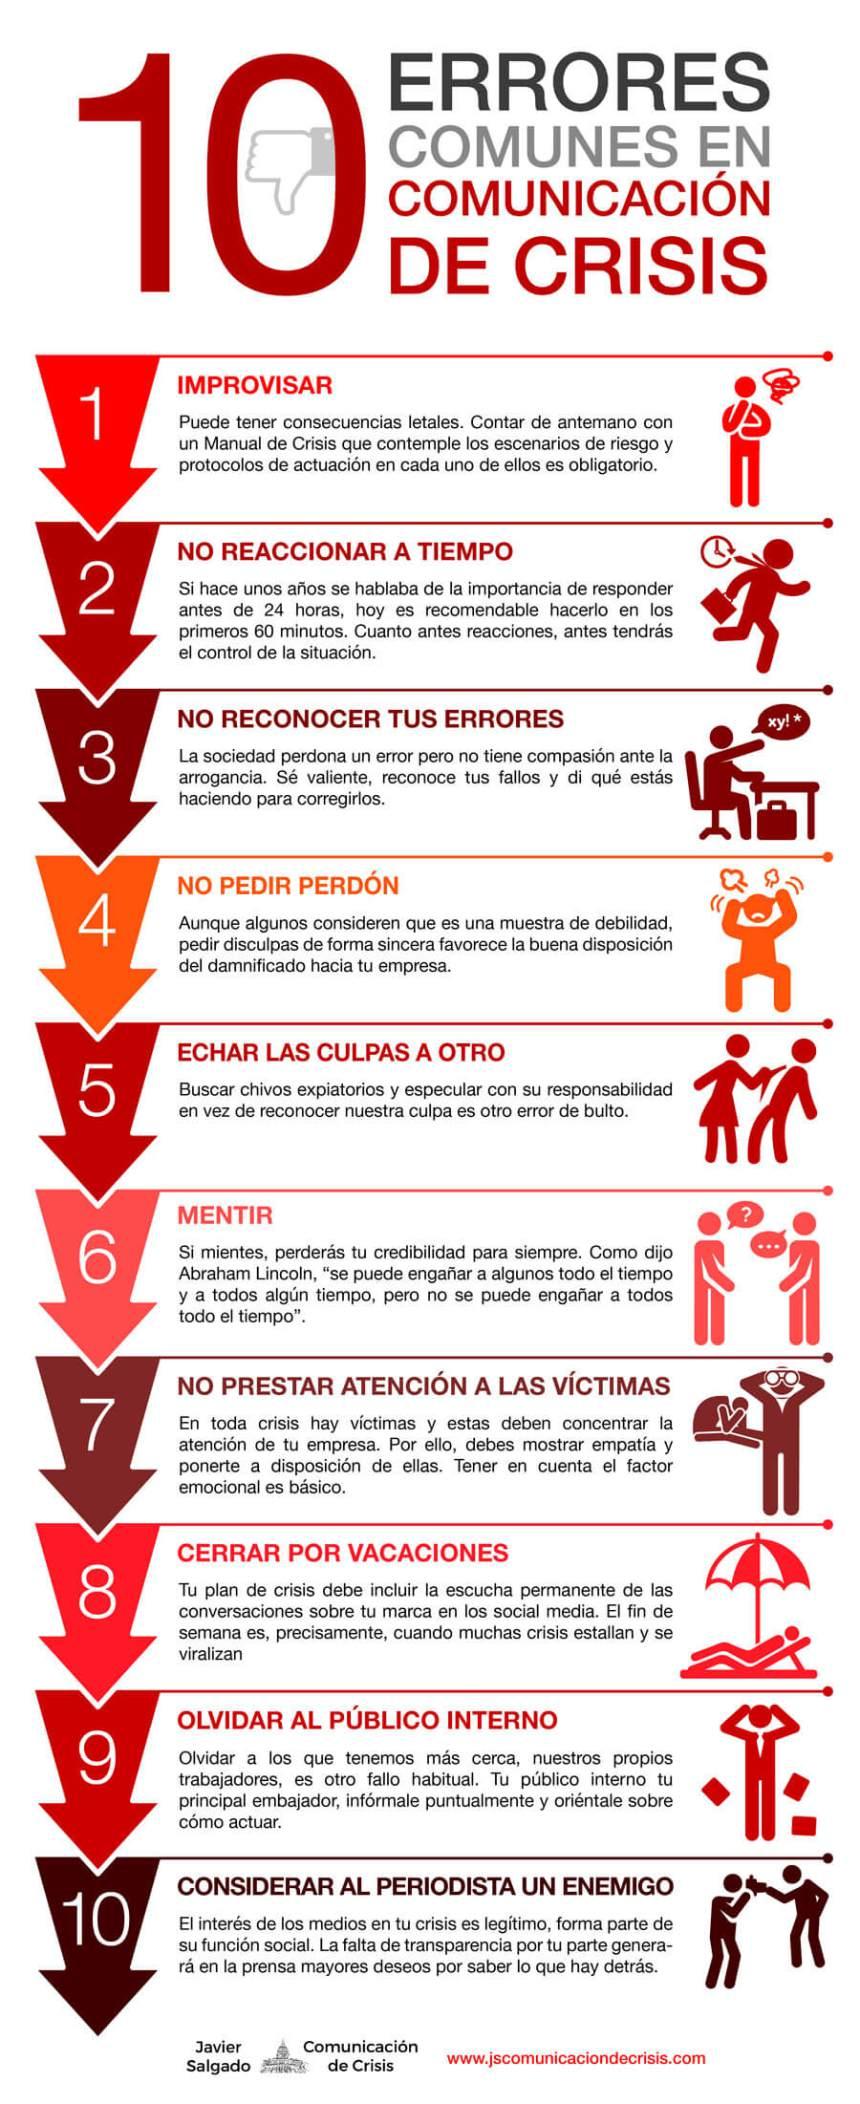 10 errores frecuentes en comunicación de crisis #infografia #infographic #marketing